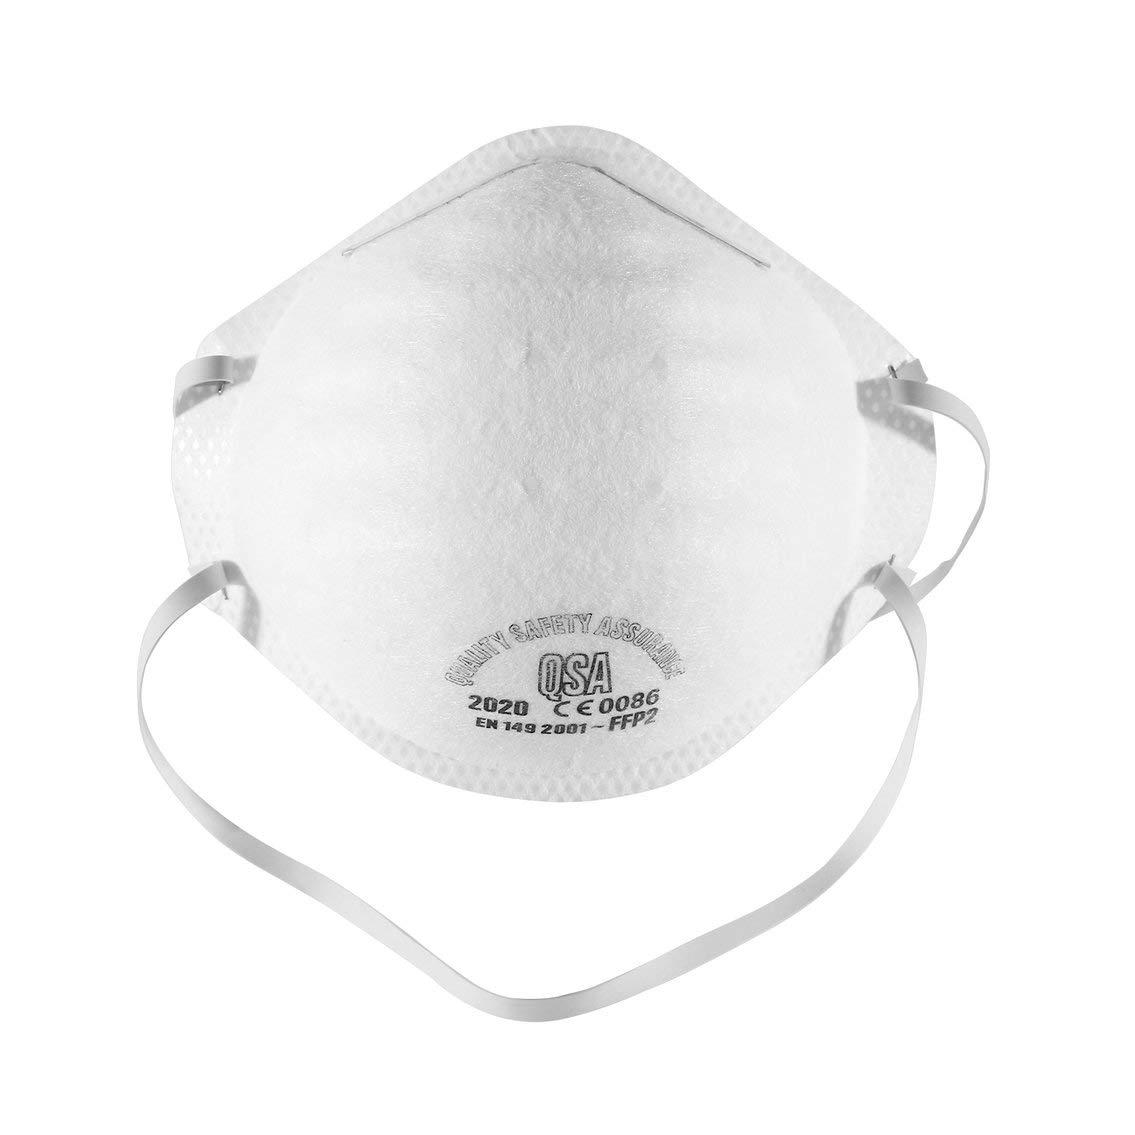 FFP3/FFP2 – Mascarilla Moldeada para la higiene de la válvula, anticontaminación N97/N95 con válvula Antipolvo, Filtro FFP3 97%/94% bacterias, protección contra Polvo y contaminantes